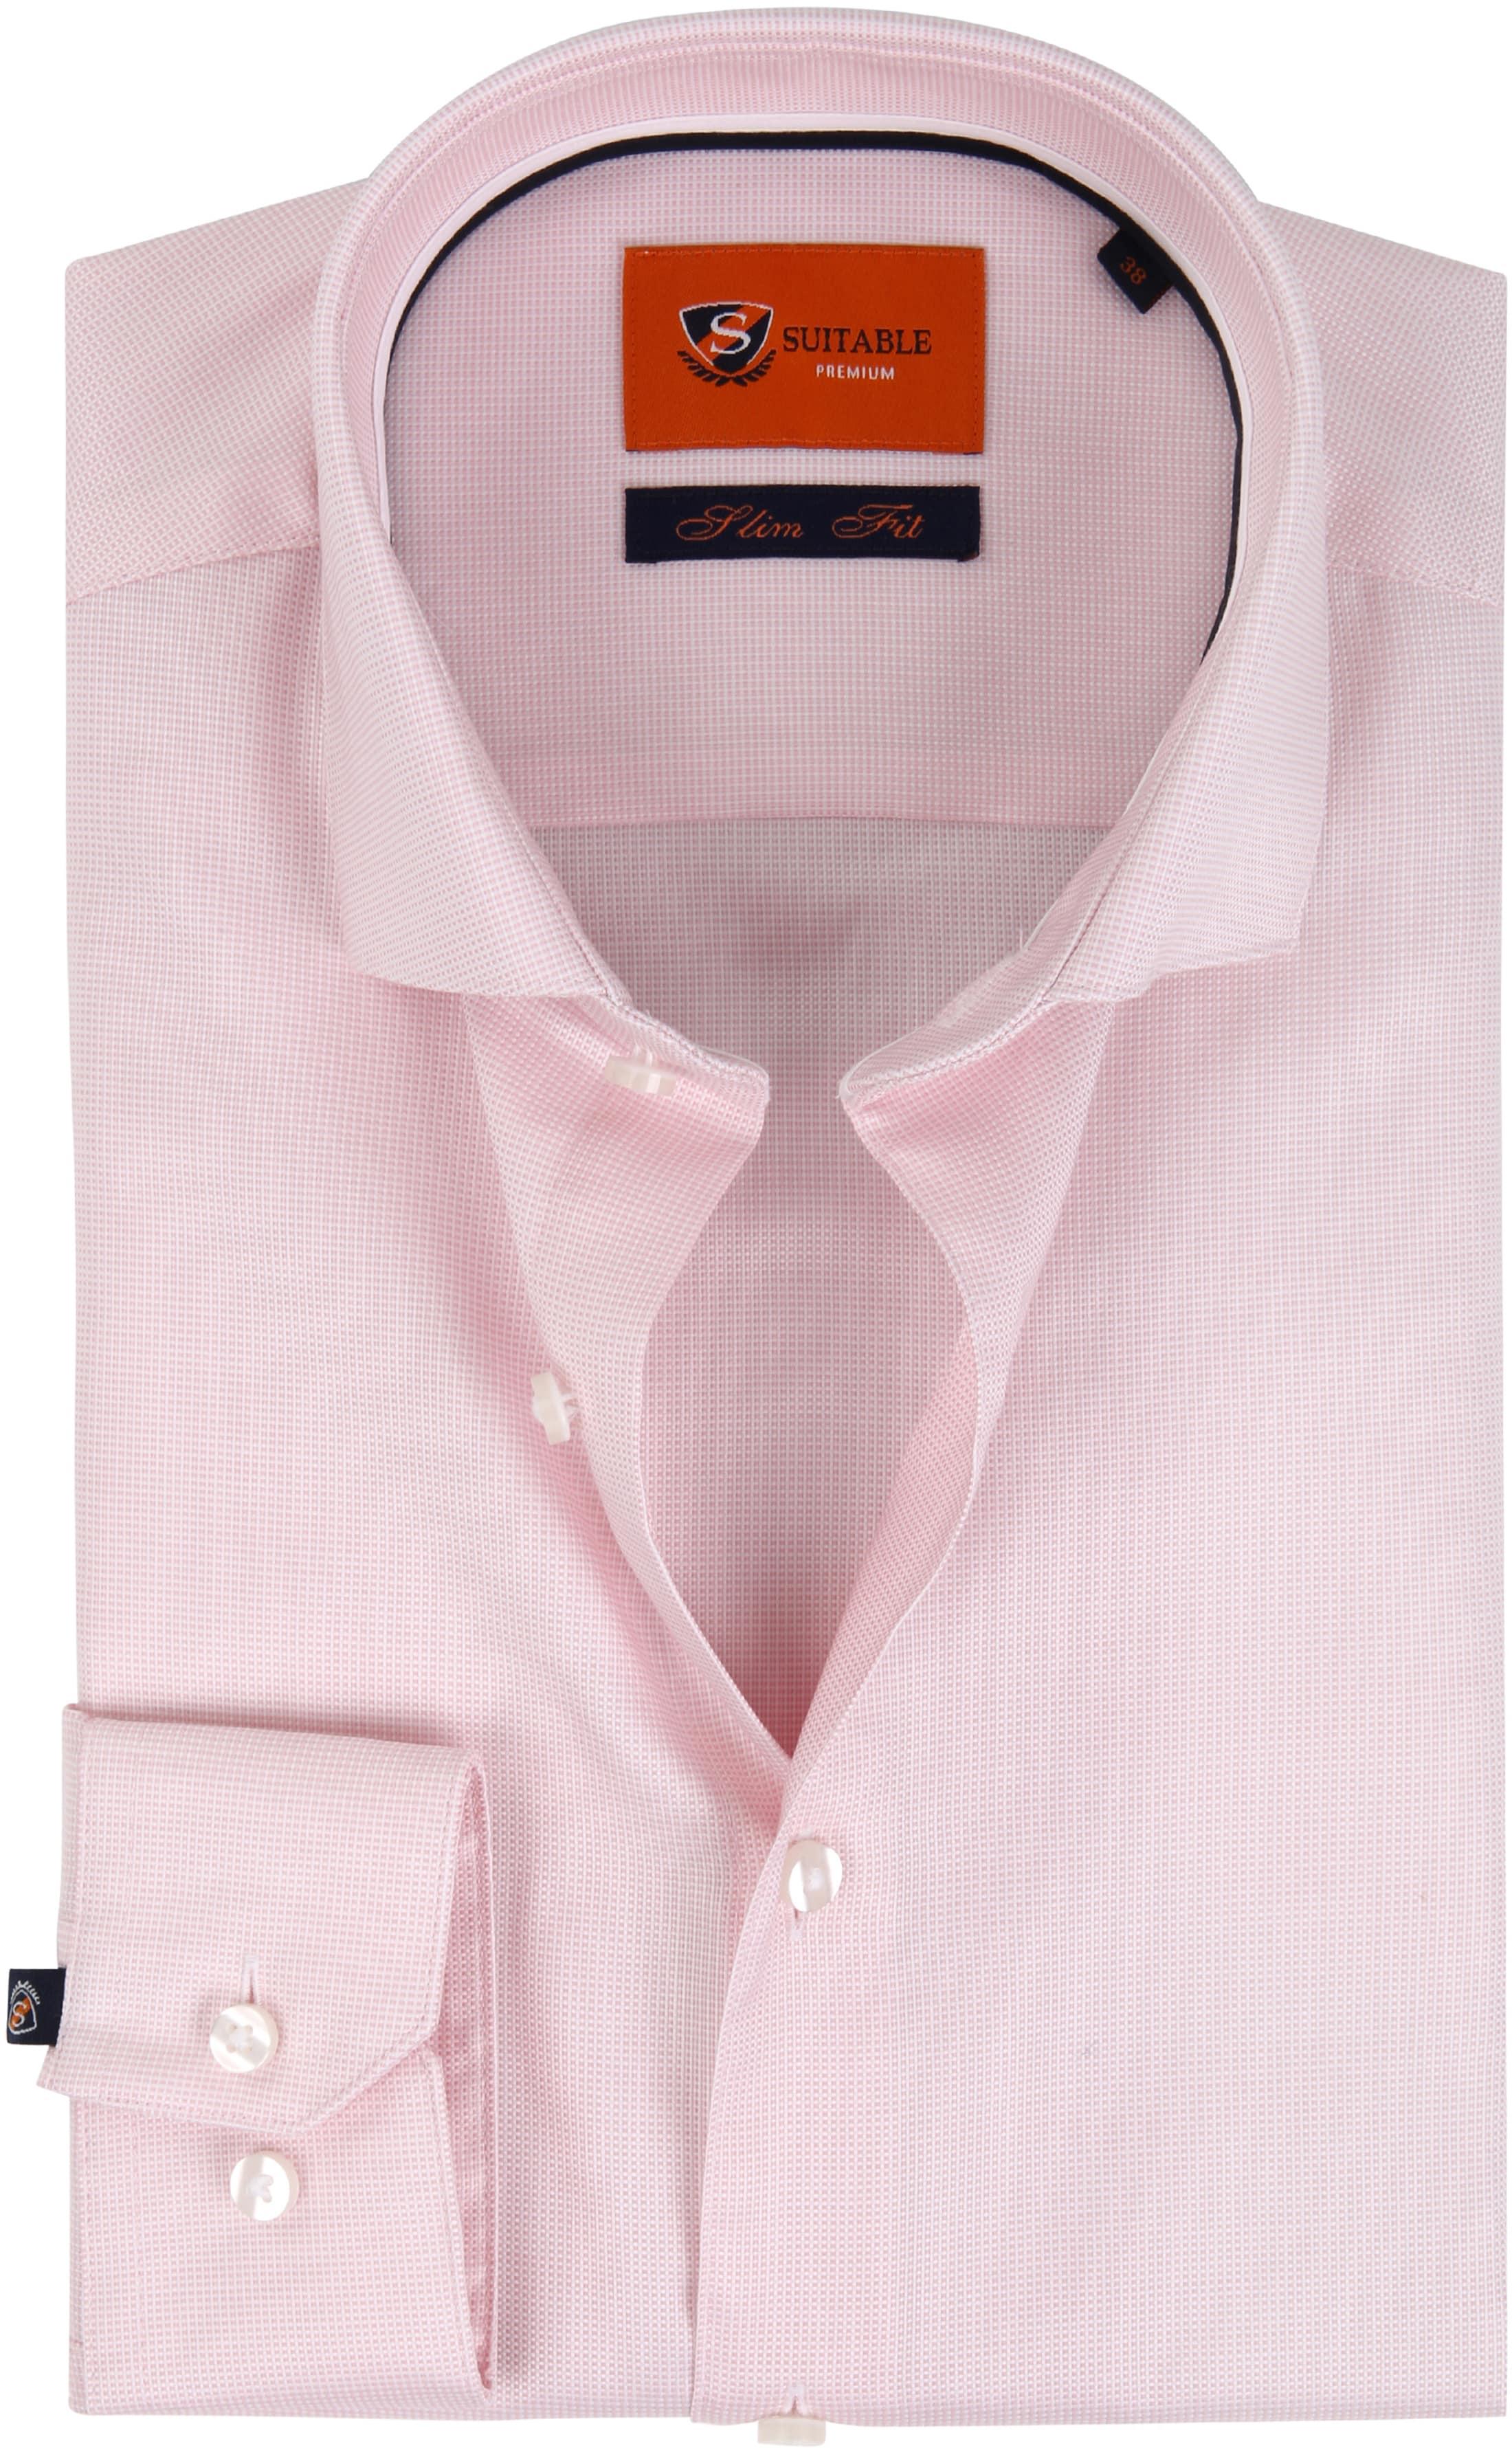 Suitable Overhemd Roze D81-16 foto 0